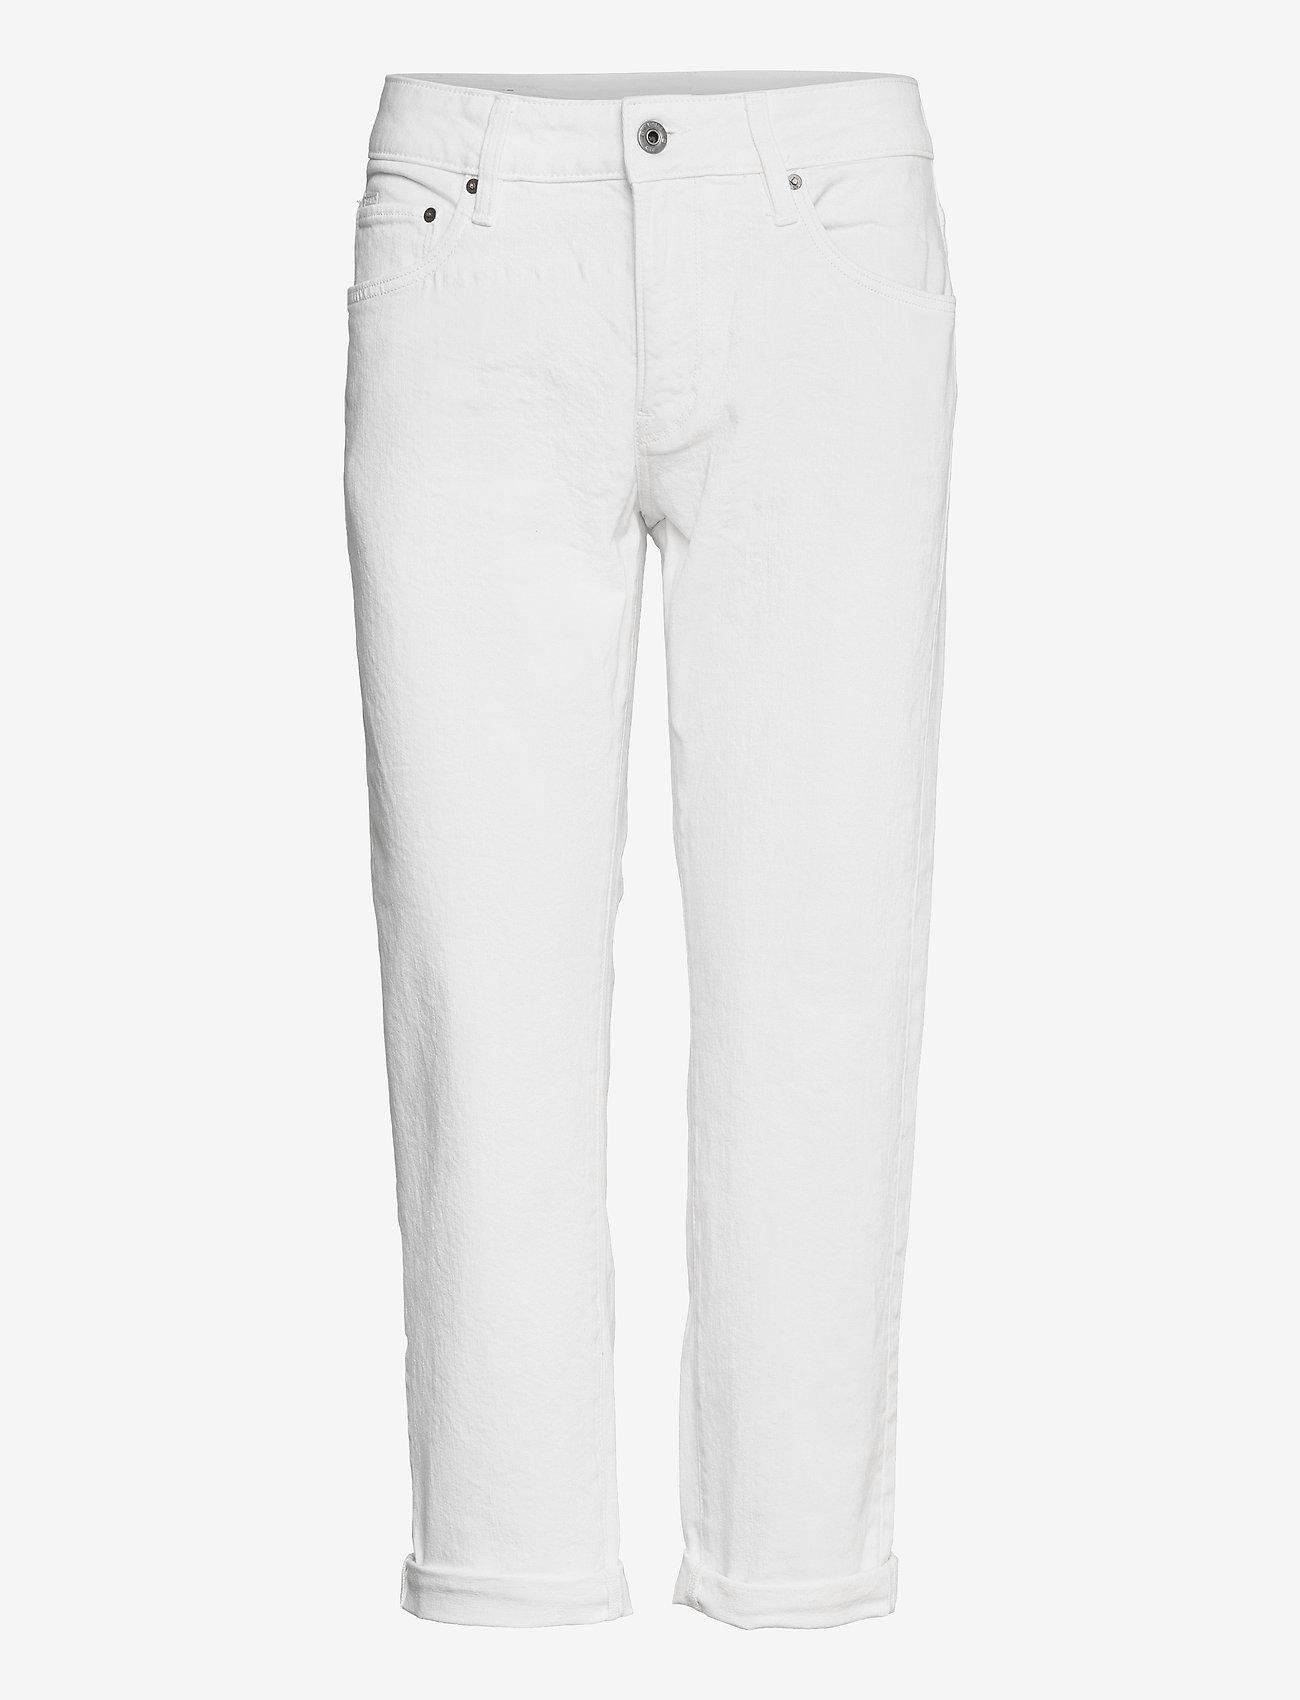 G-star RAW - Kate Boyfriend Wmn - boyfriend jeans - white - 0